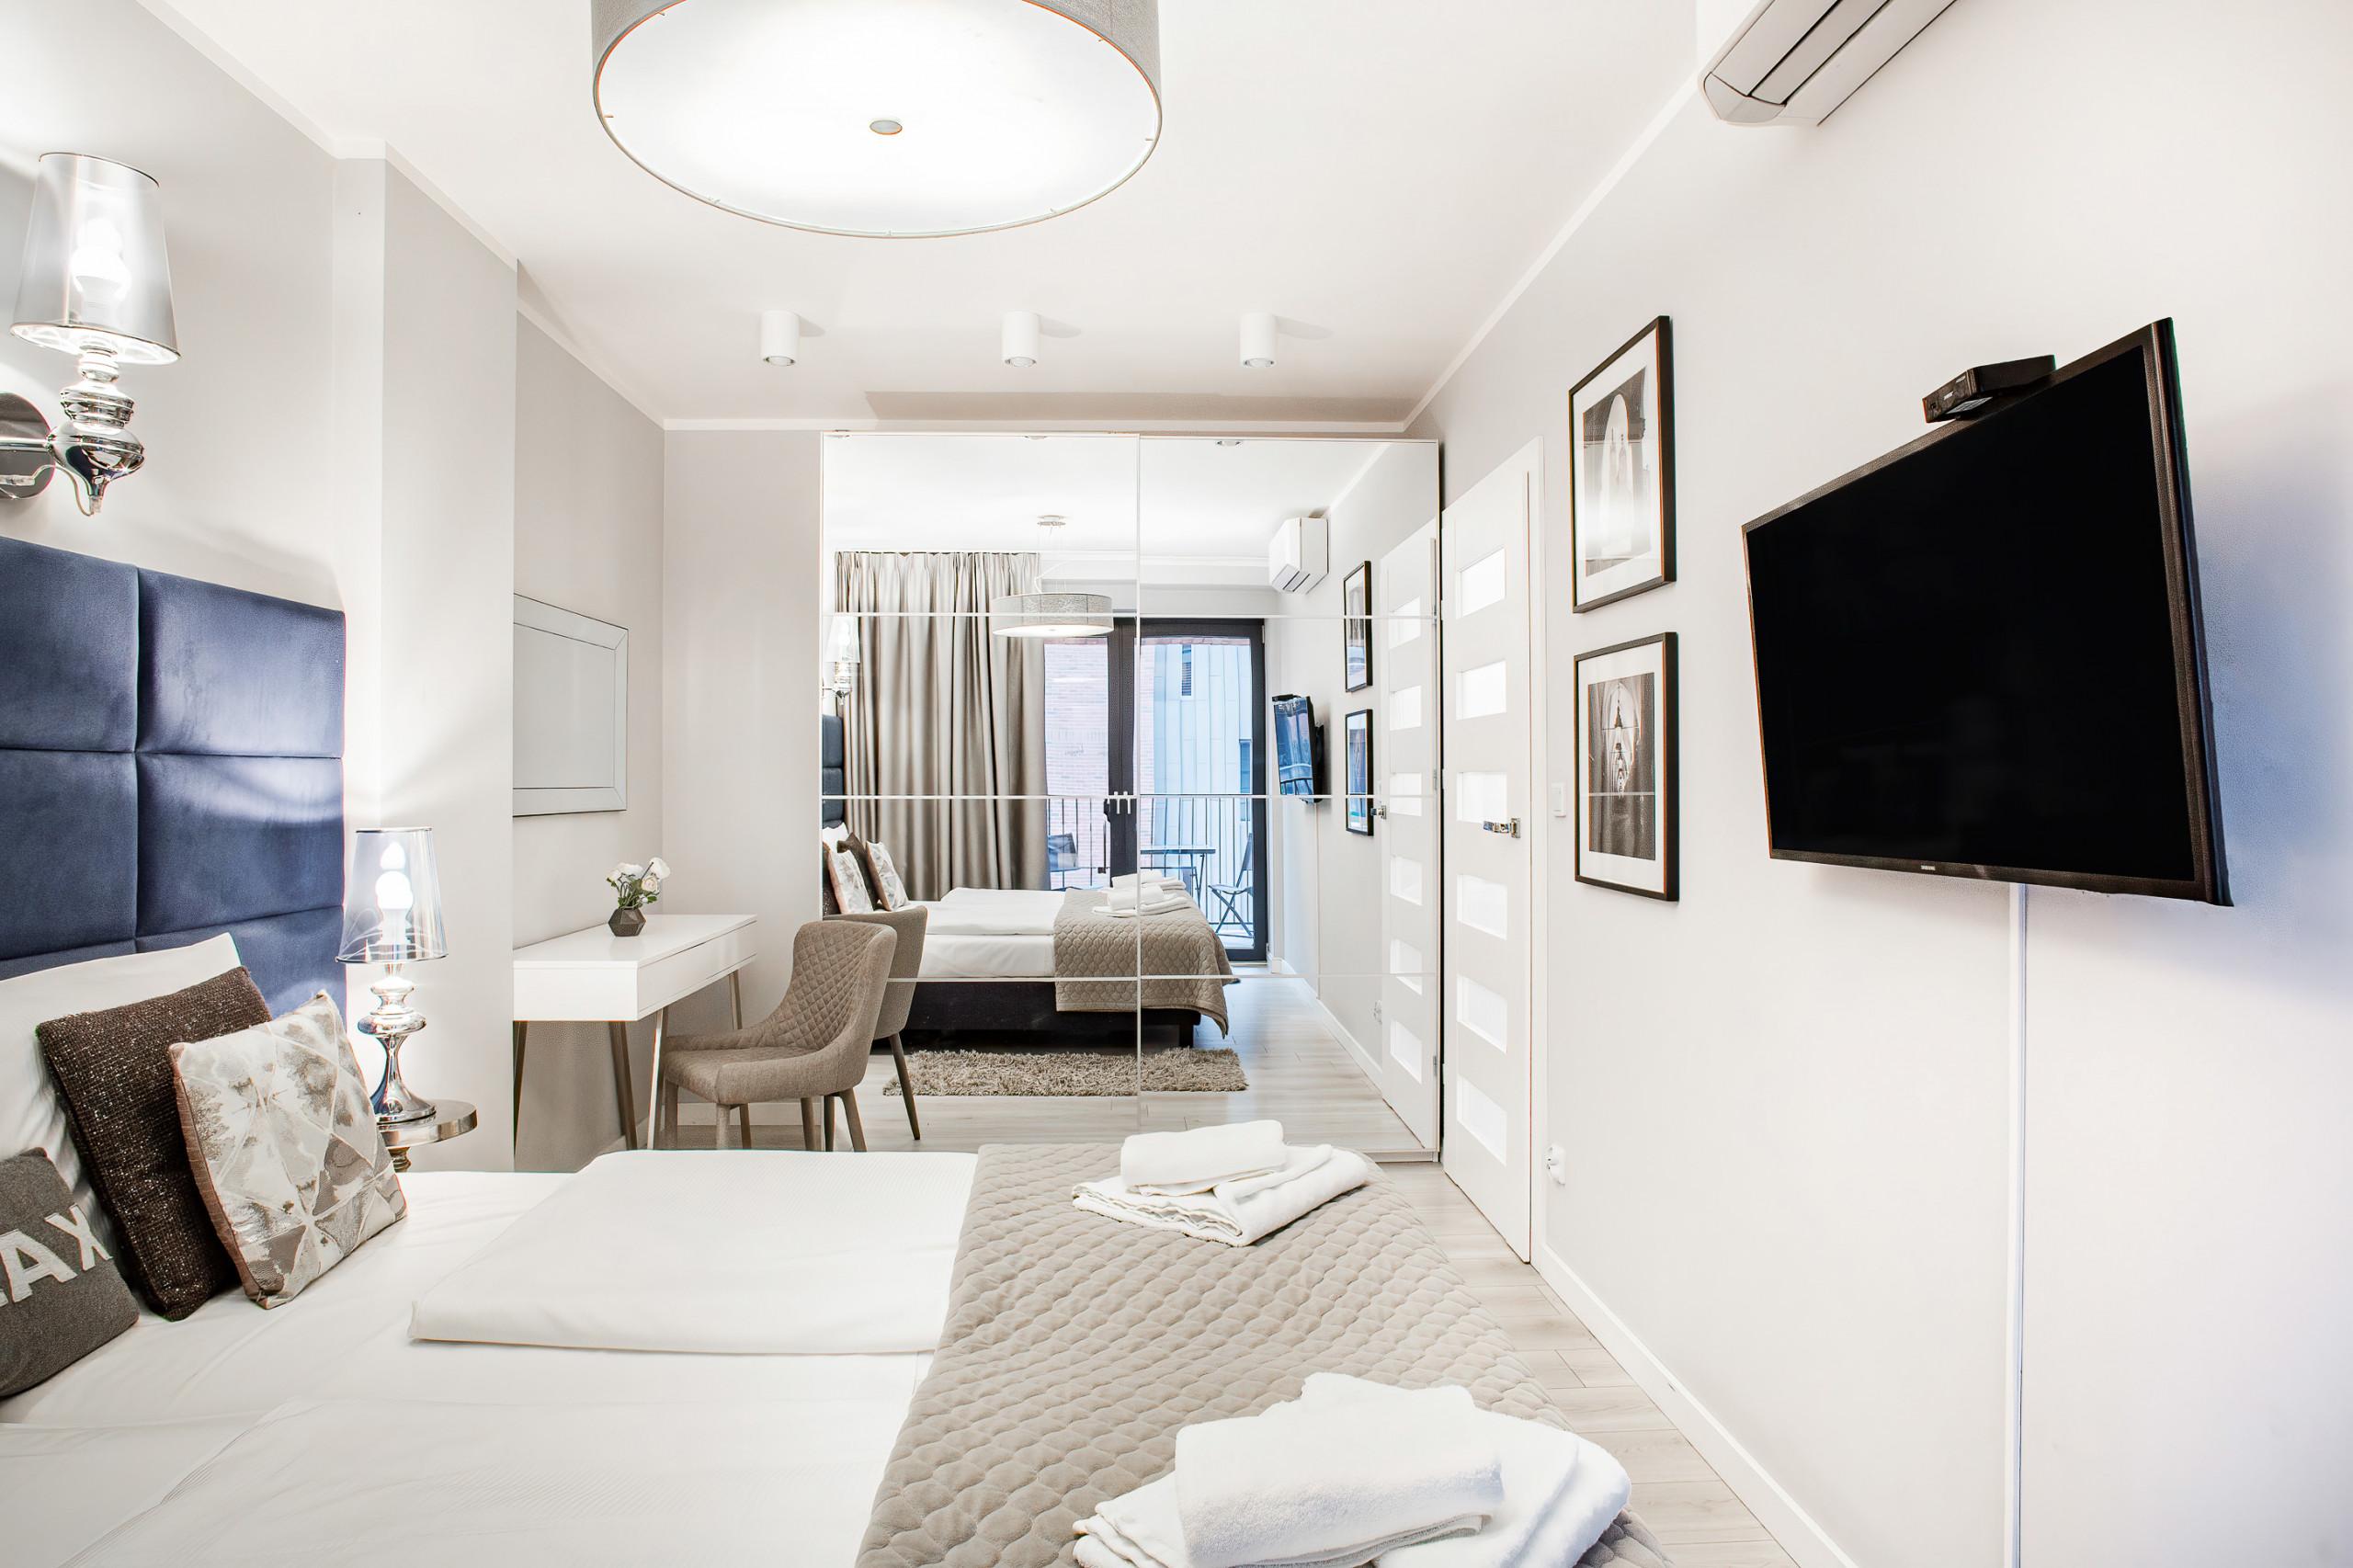 Full Size of Schlafzimmer Stuhl Wohnung Mit Balkon Wawrzyca 19 41 In Krakau Für Komplettangebote Kommode Weiß Komplette Komplett Klimagerät Lattenrost Und Matratze Schlafzimmer Schlafzimmer Stuhl